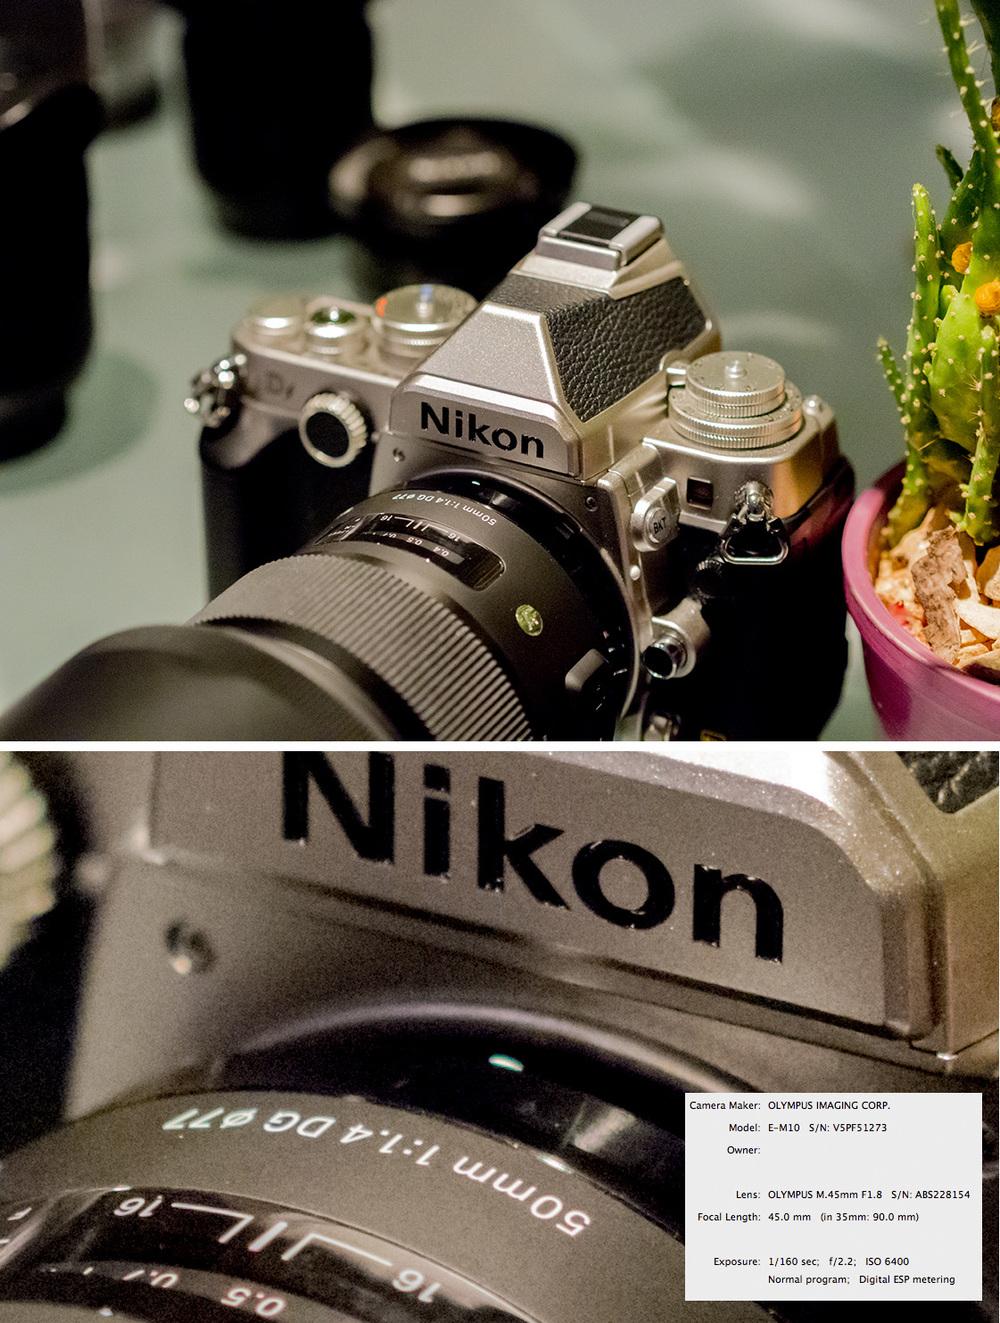 Olympus OM-D E-M10  Olympus M.ZUIKO 45mm f1.8 lens